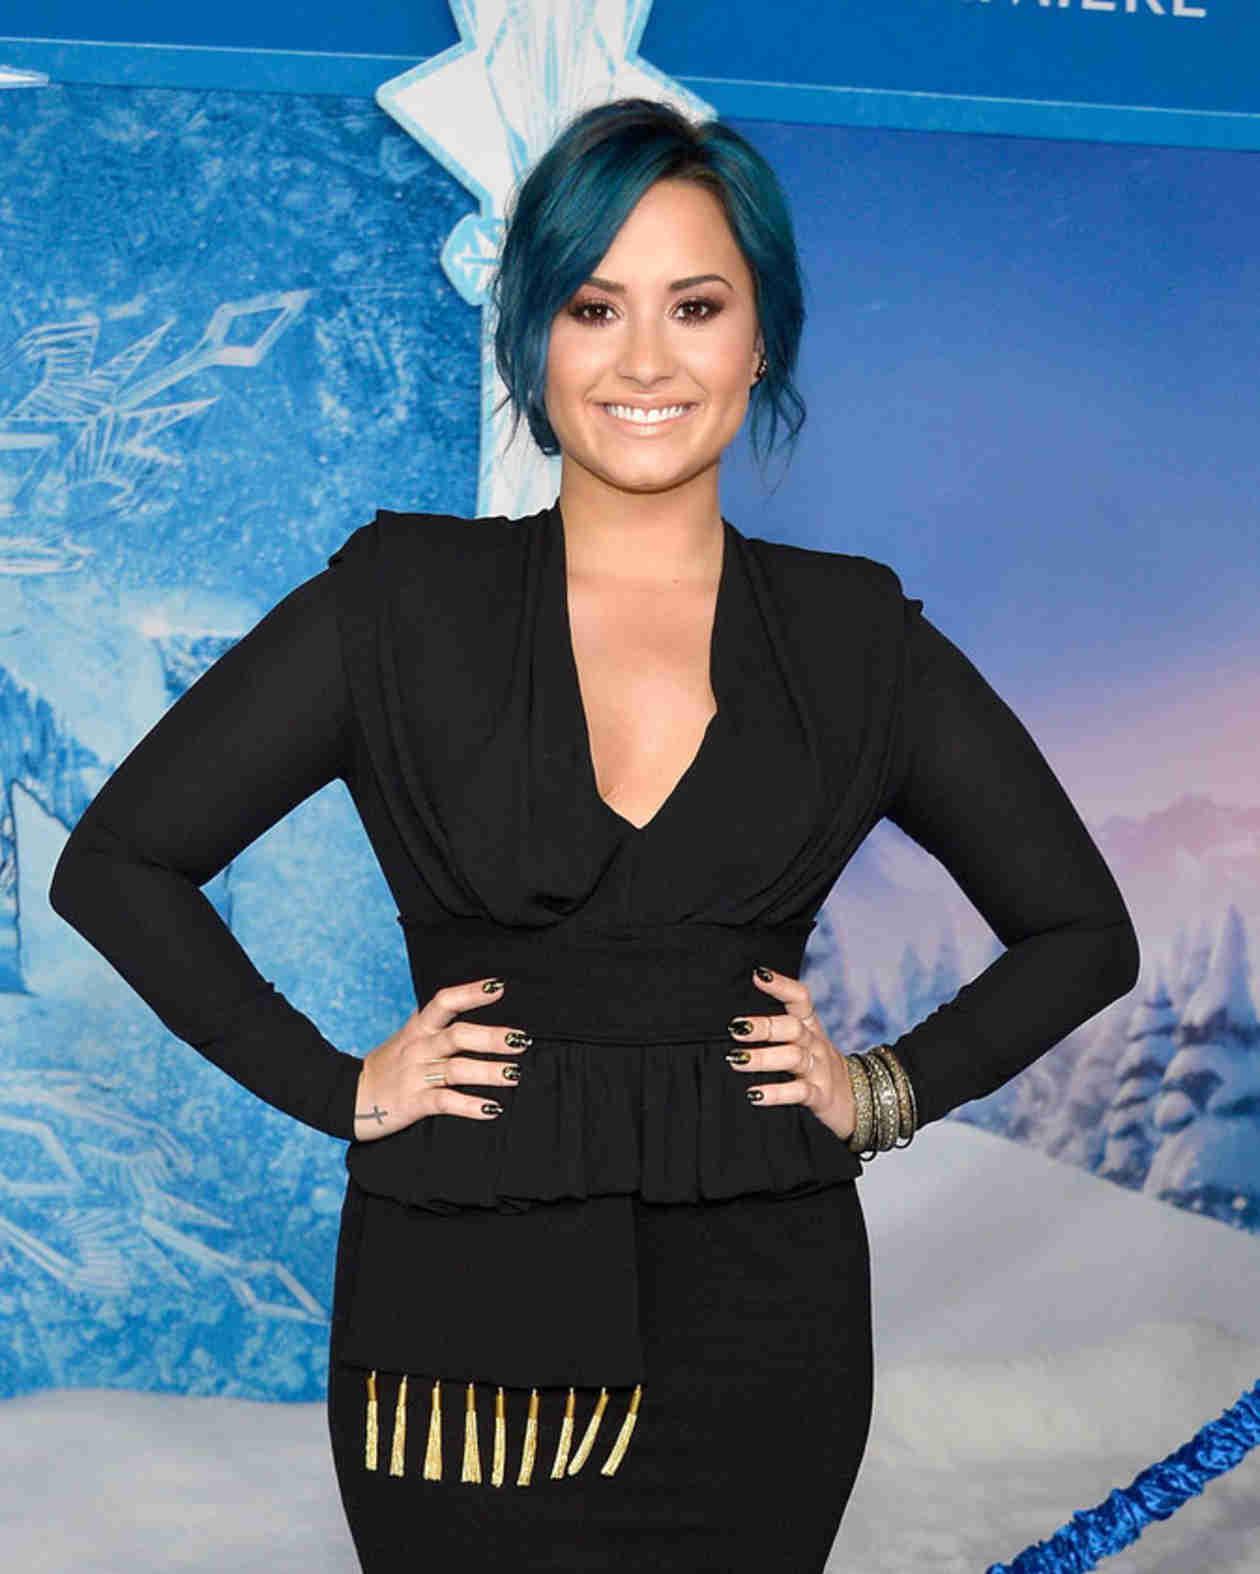 Who Is Demi Lovato in Frozen? 3 Weird Fan Questions, Answered